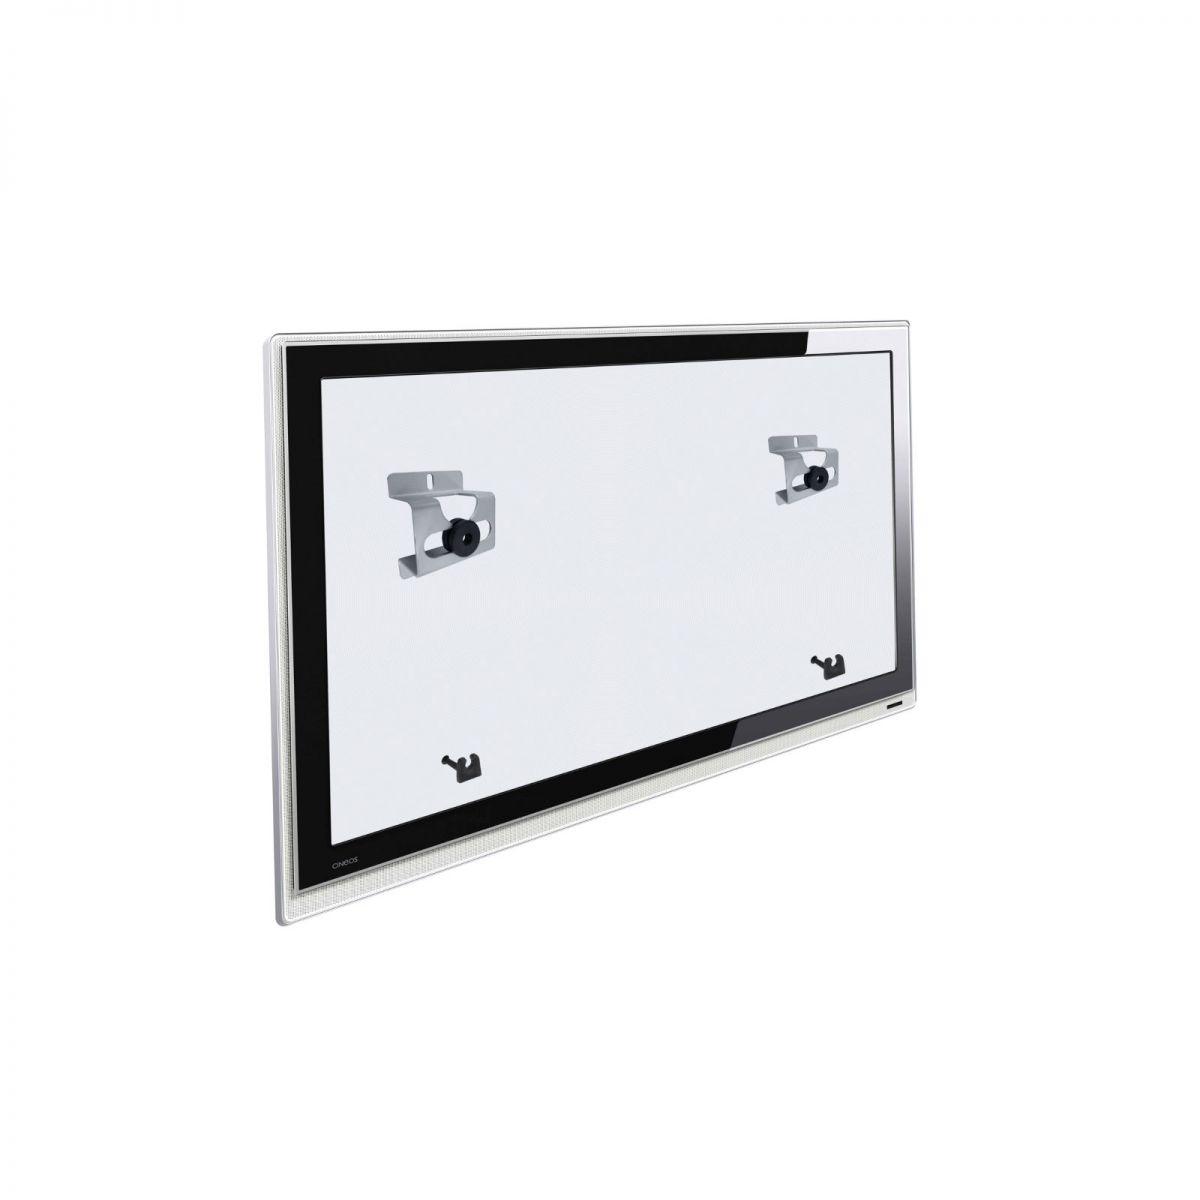 Suporte Universal de Parede Fixo p/ TV LCD Plasma Led de 10´´ a 71´´  Multivisão INFINITI PRATA